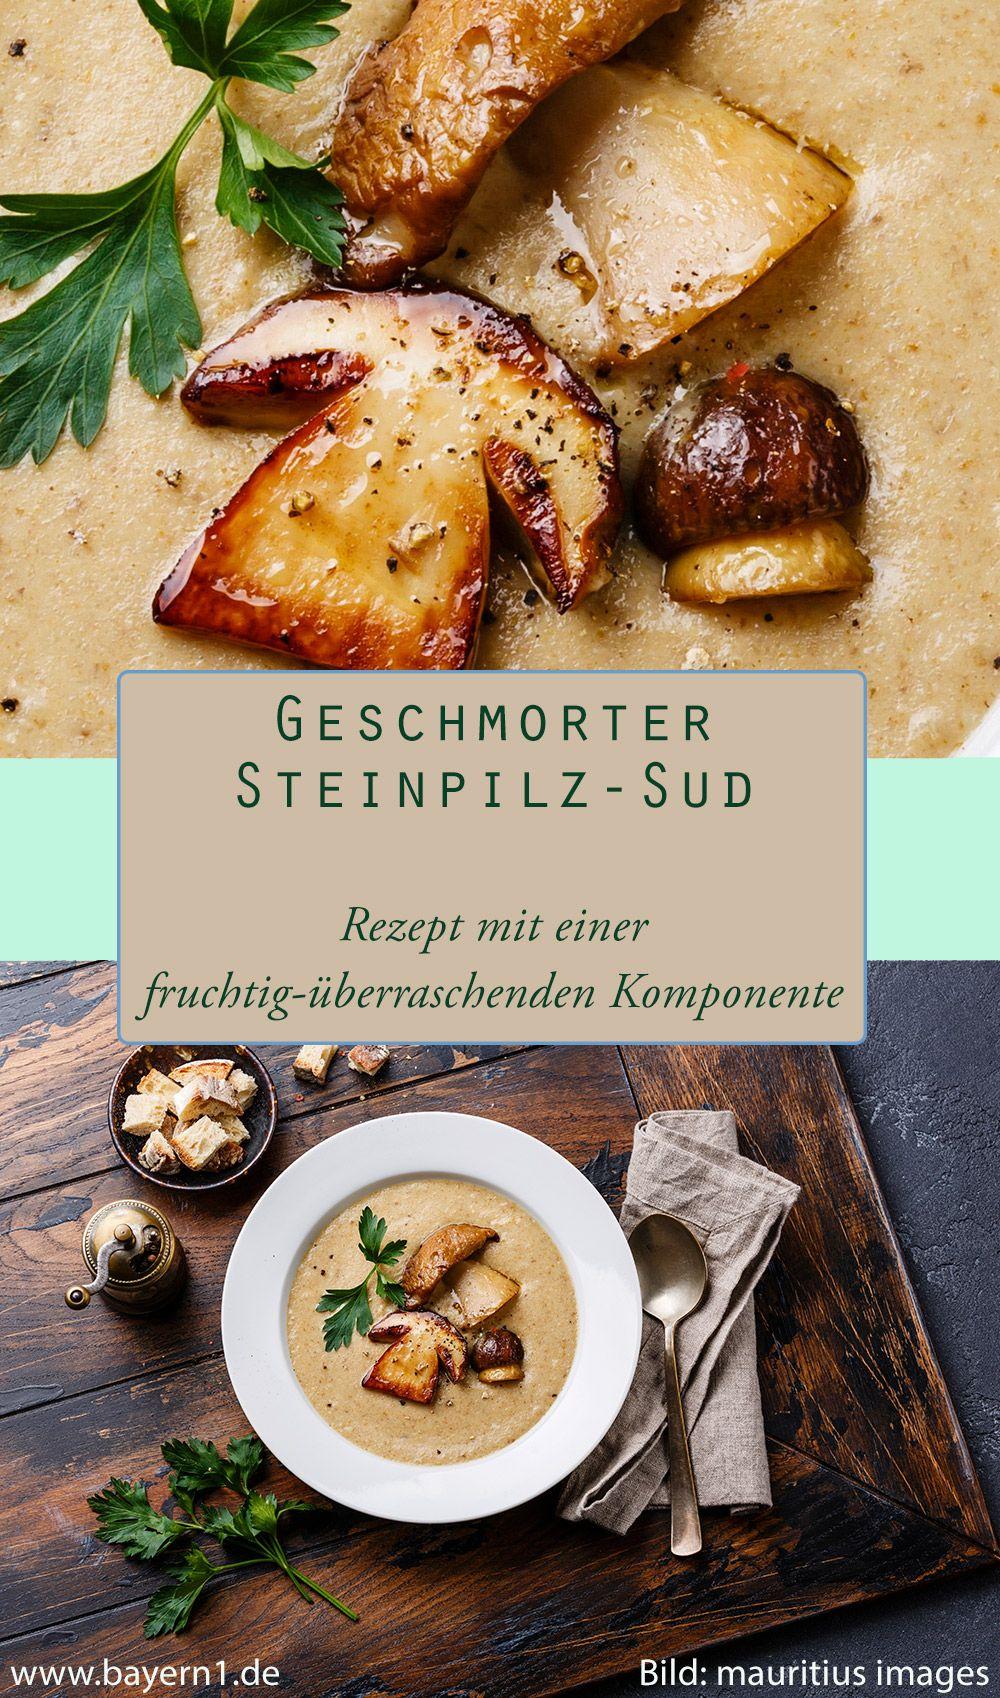 7cbdaff07ccb780b32fd8cfb6a886cad - Steinpilz Rezepte